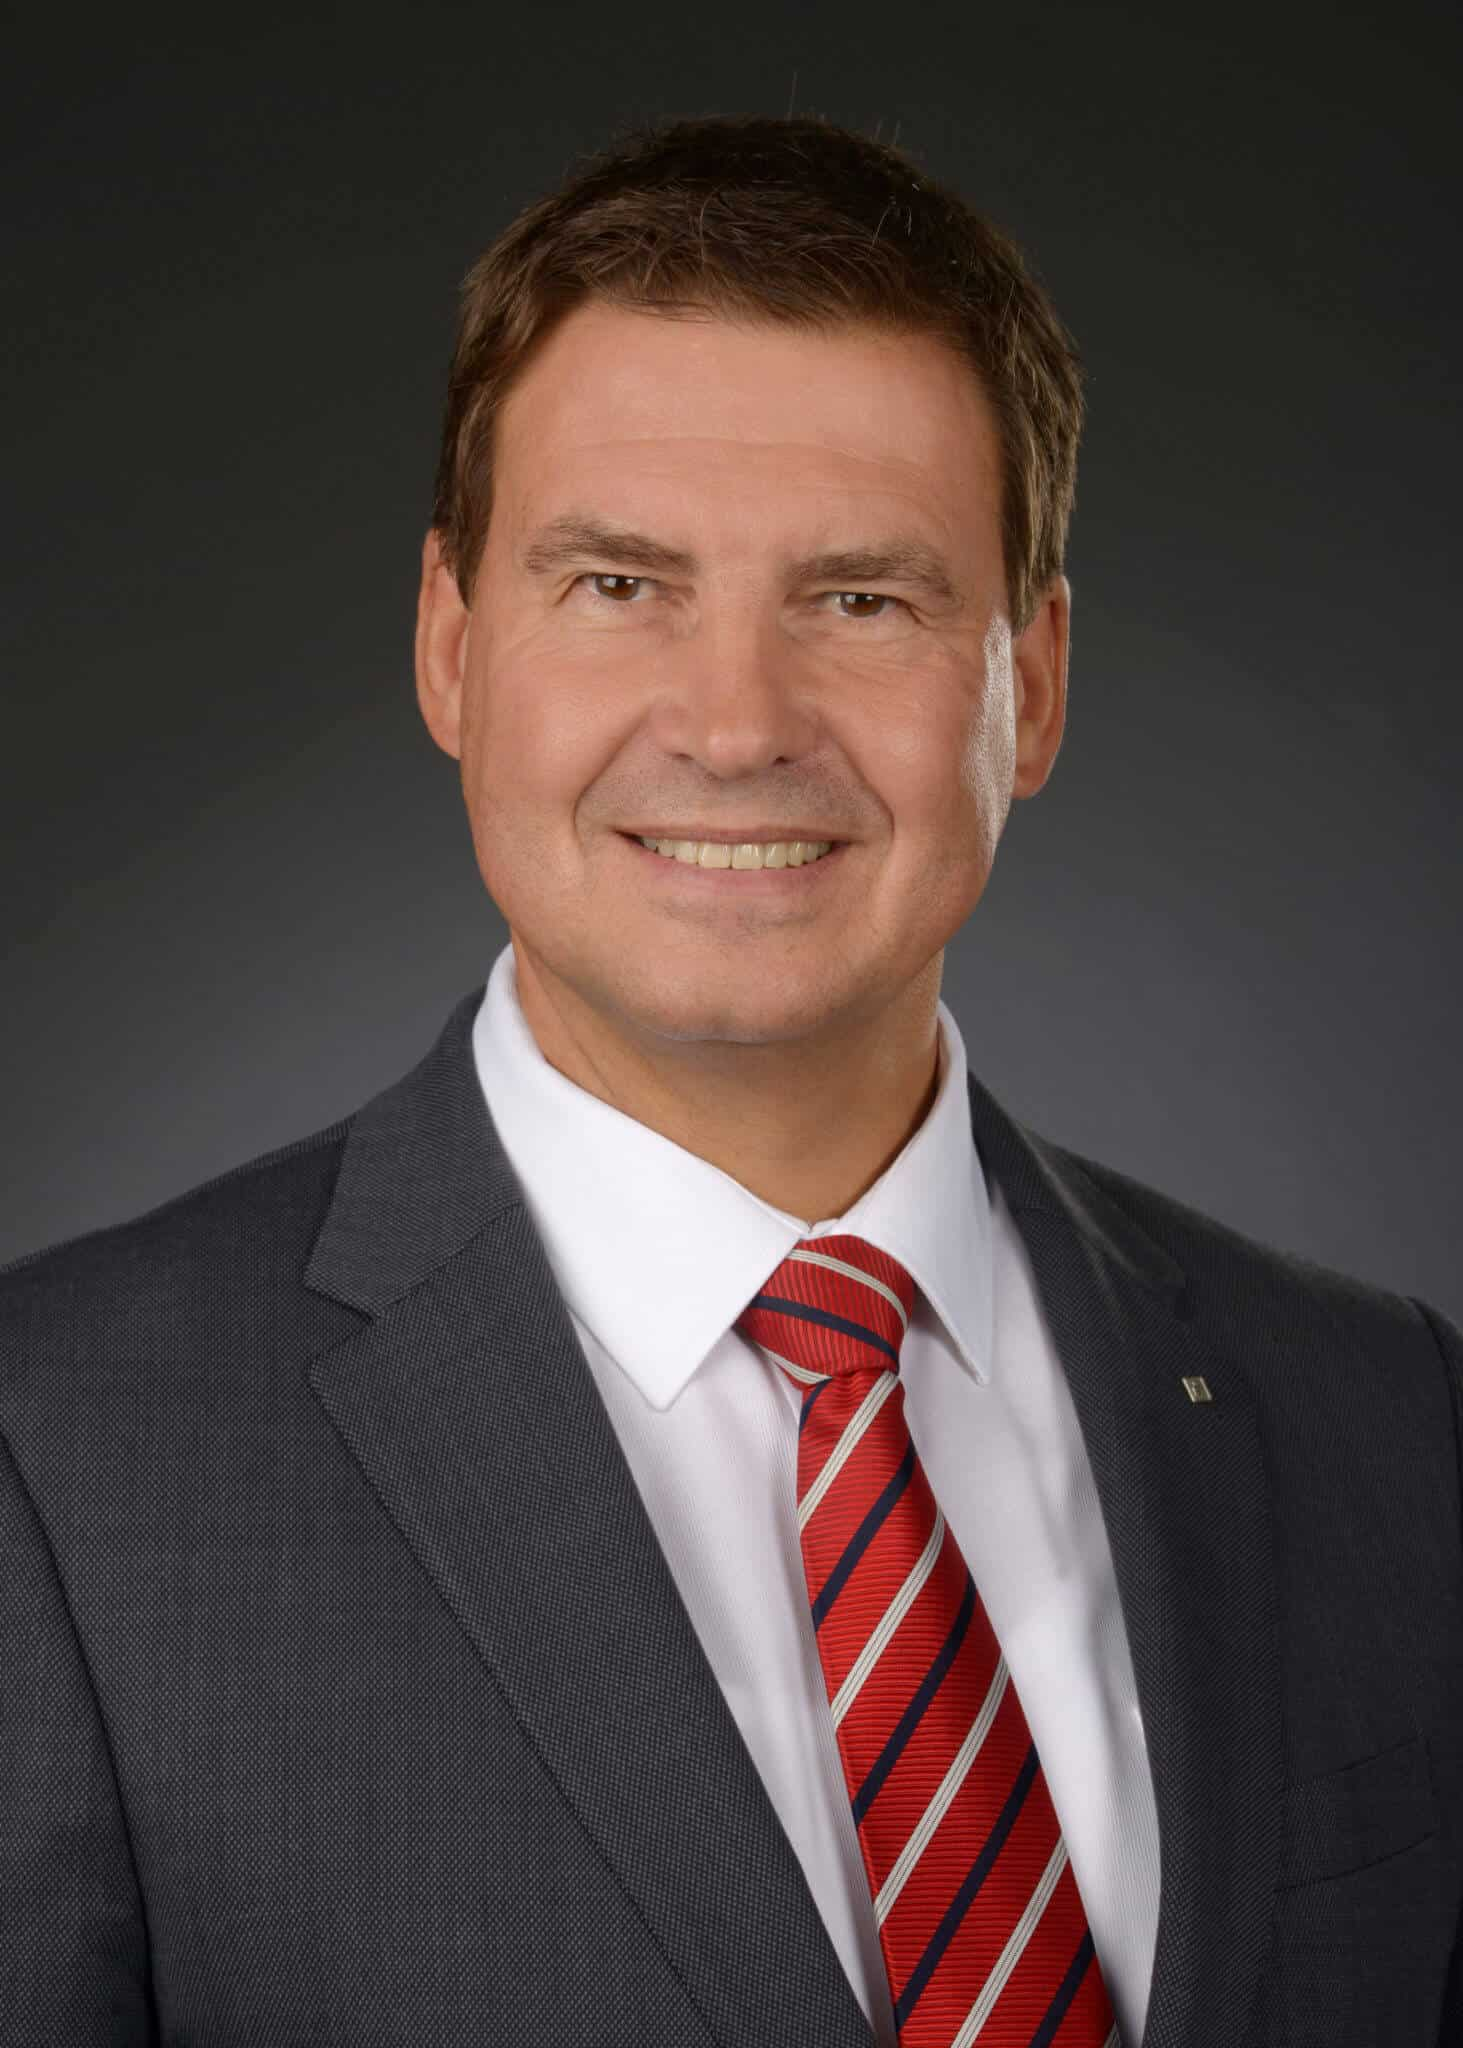 Matthias Nester